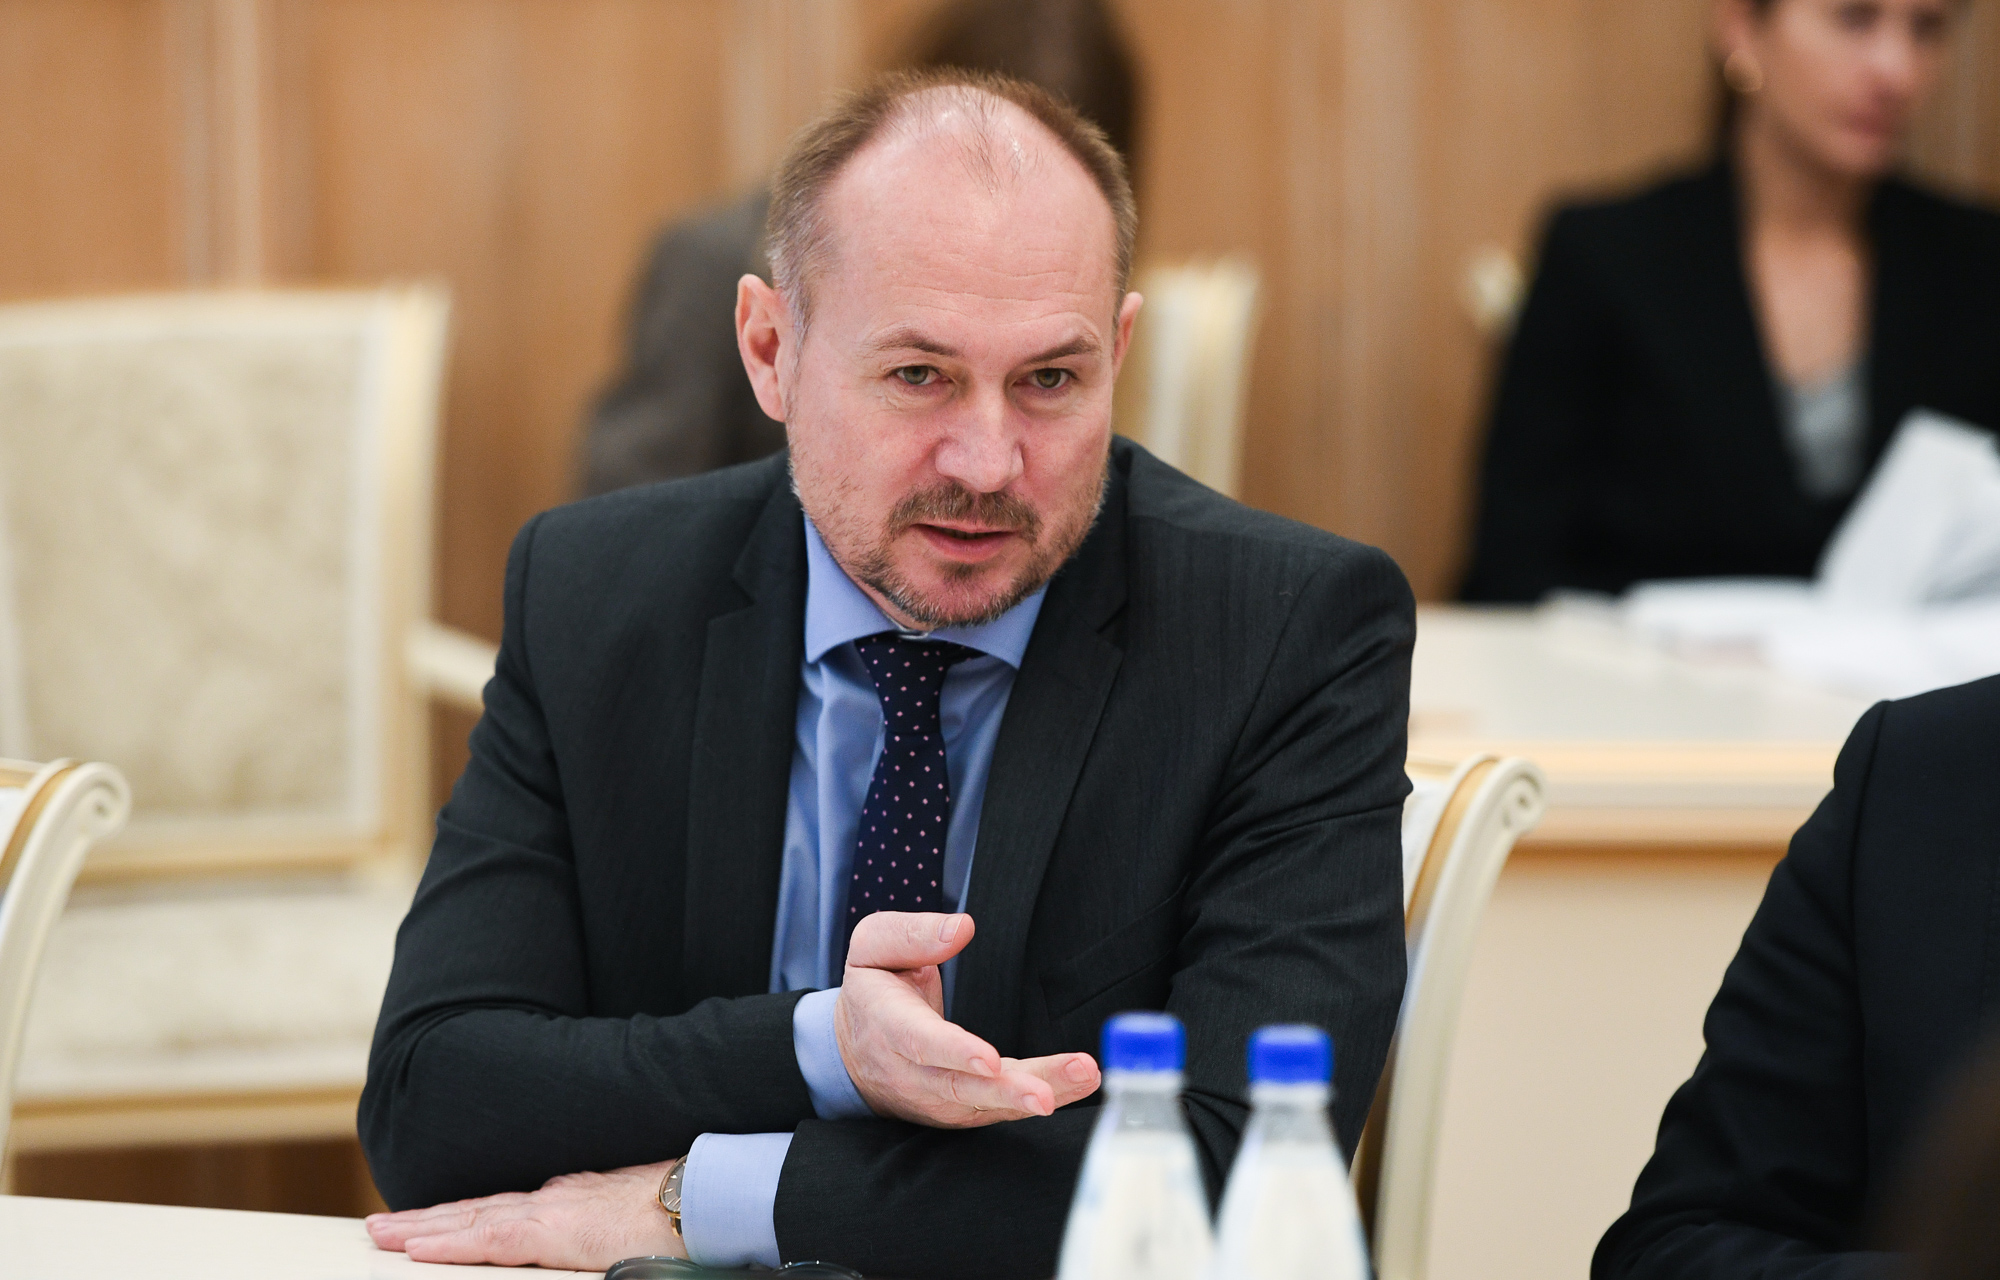 Сергей Журавлёв: Каждый руководитель хочет, чтобы территория была современной и комфортной